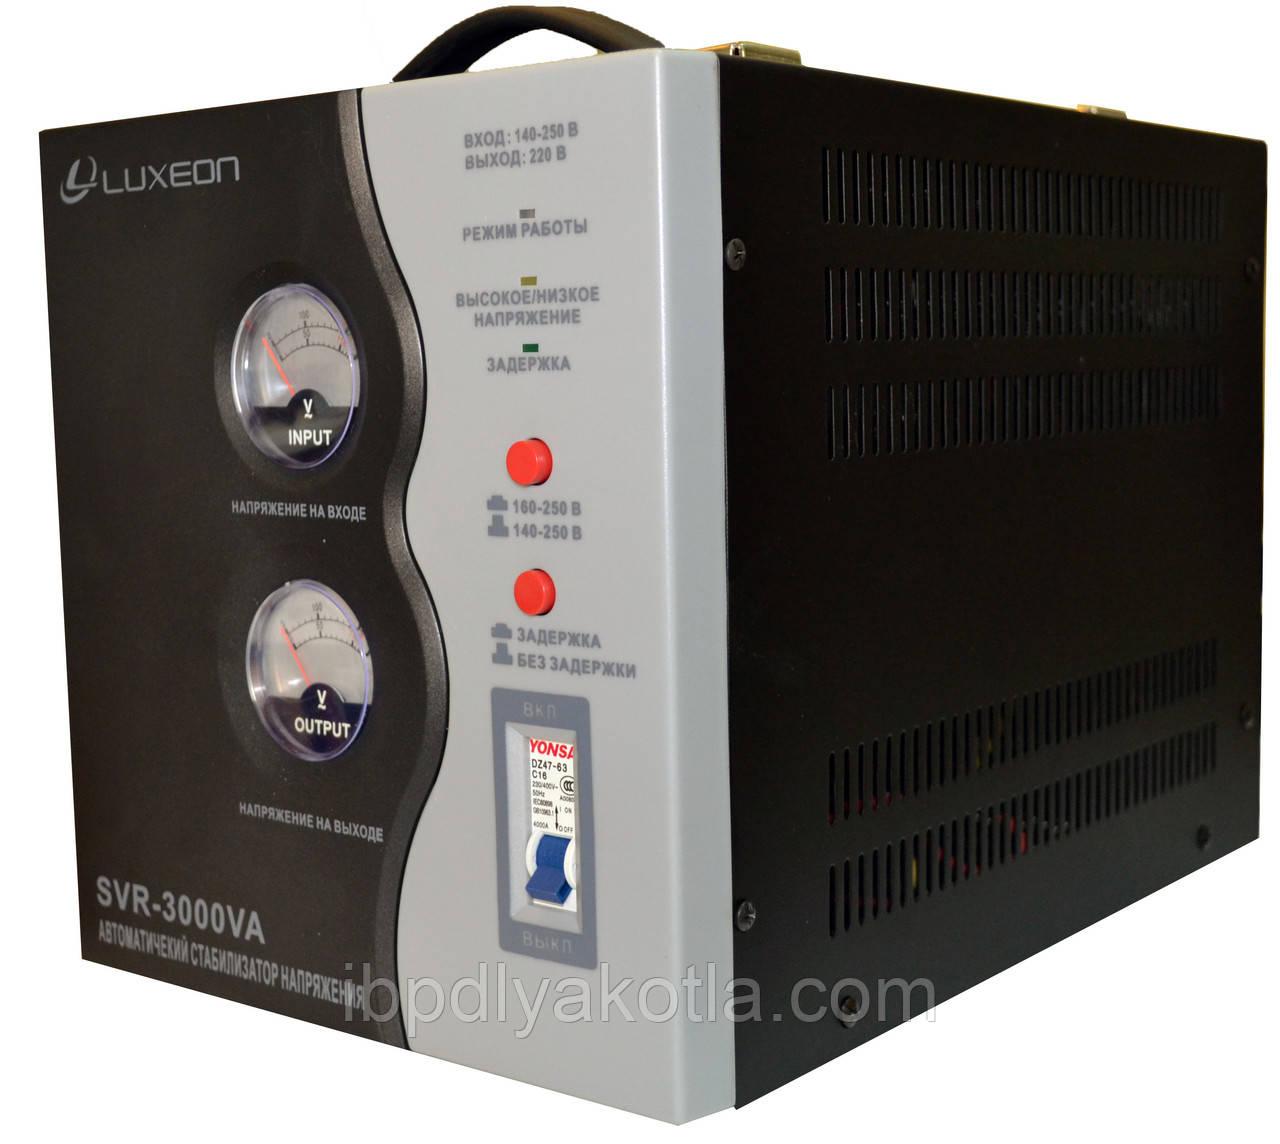 Luxeon SVR-3000VA чёрный